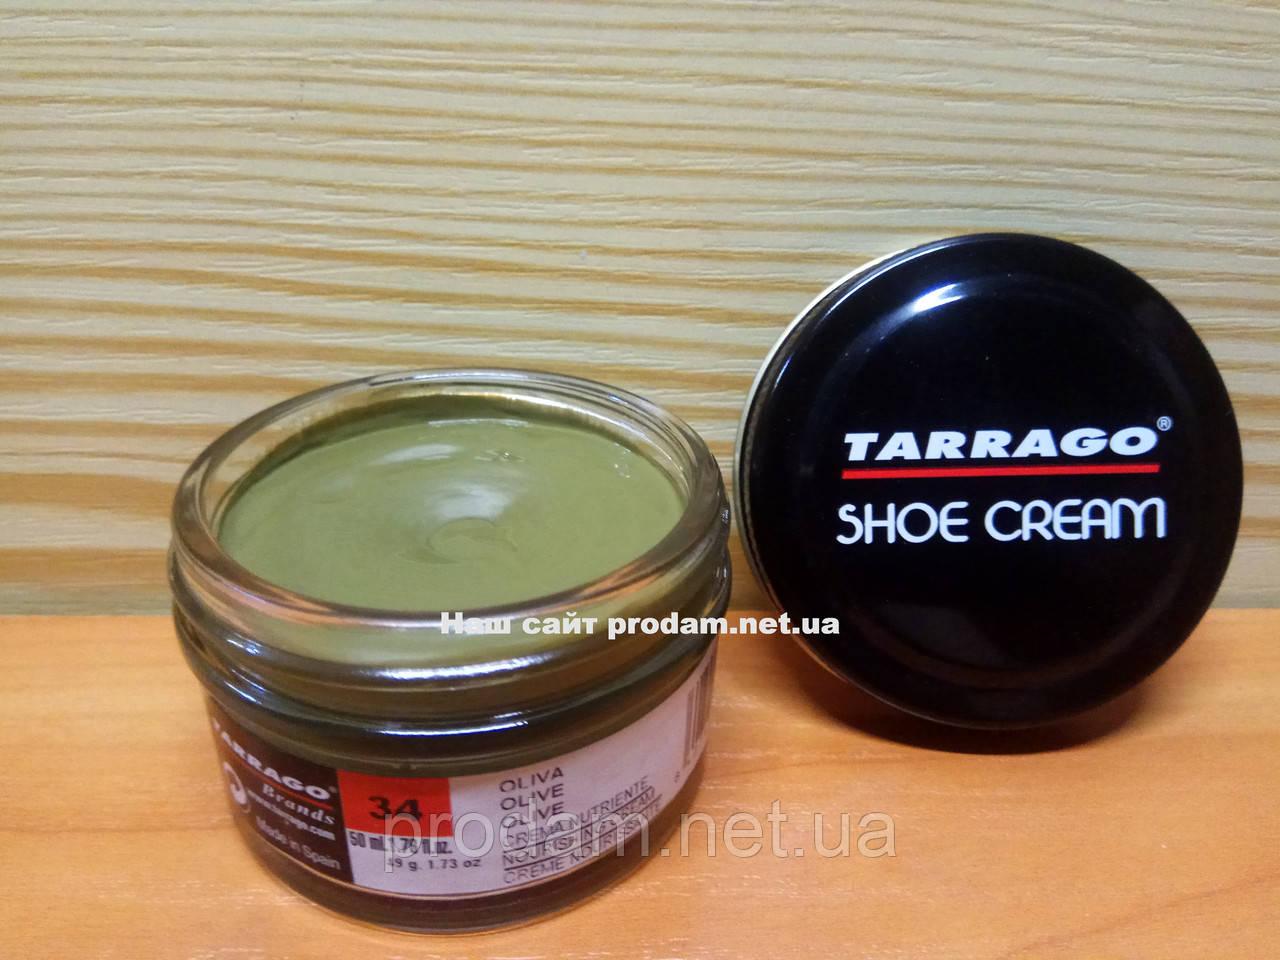 Крем для обуви Tarrago -№ 034 оливковый